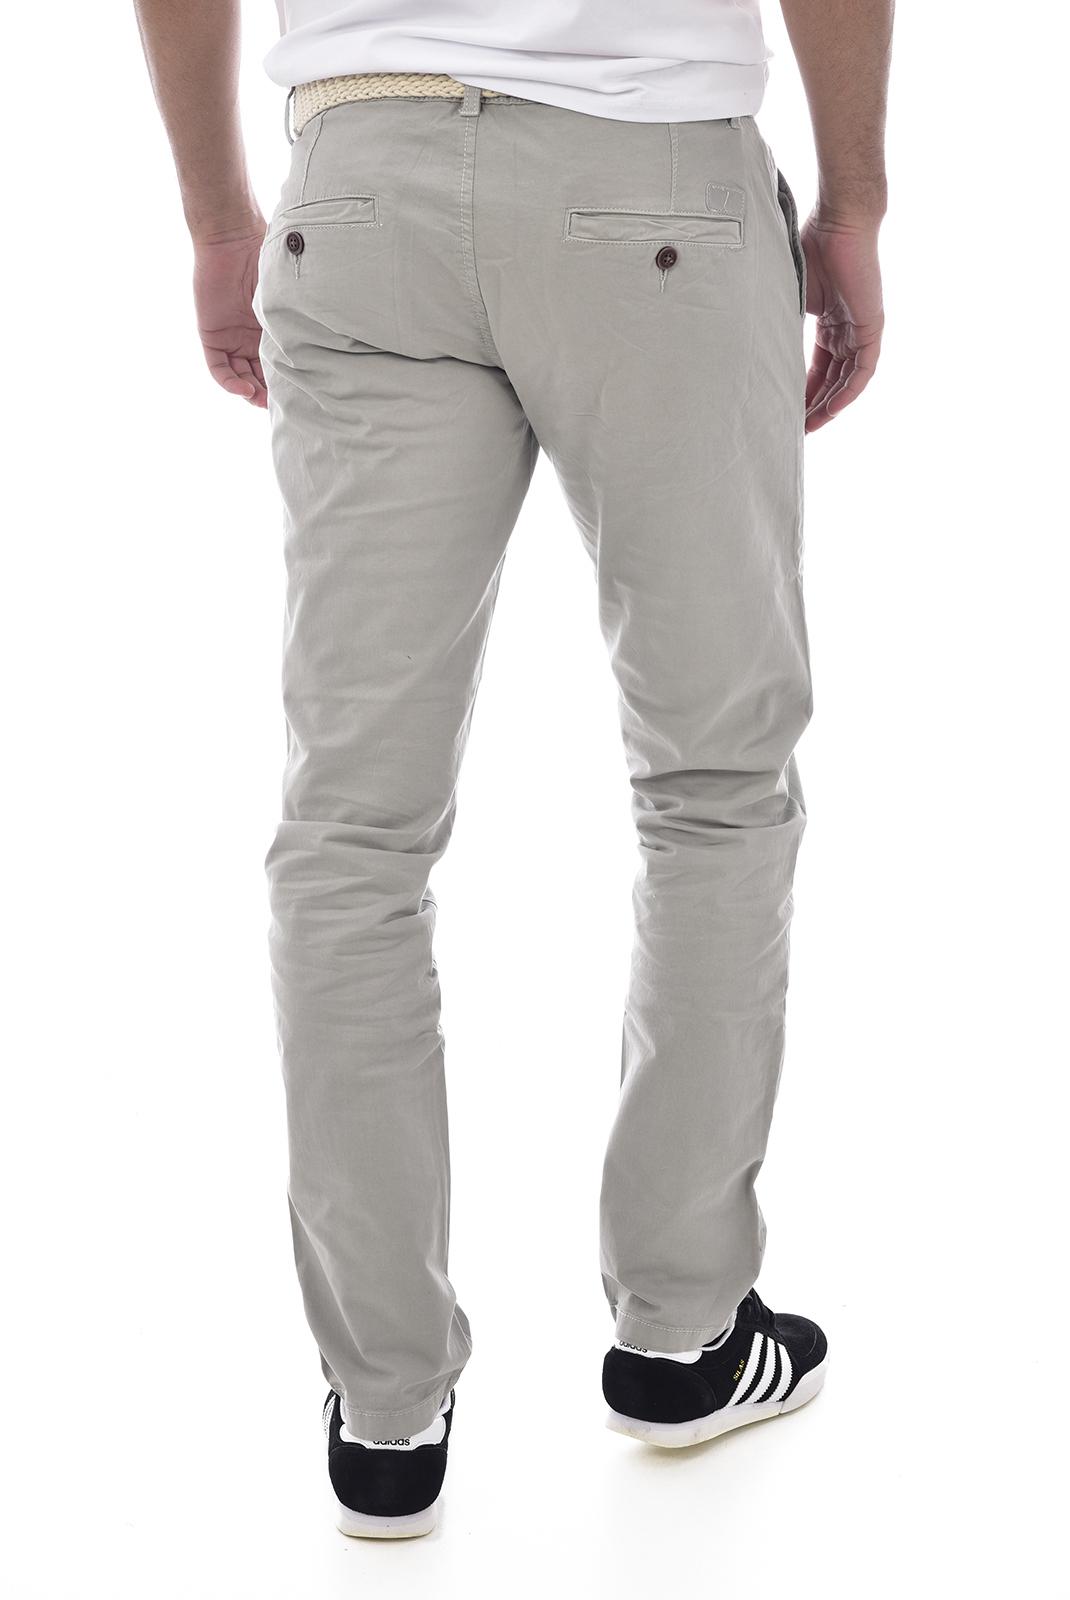 Pantalons chino/citadin  Backlight ALLEN GREY